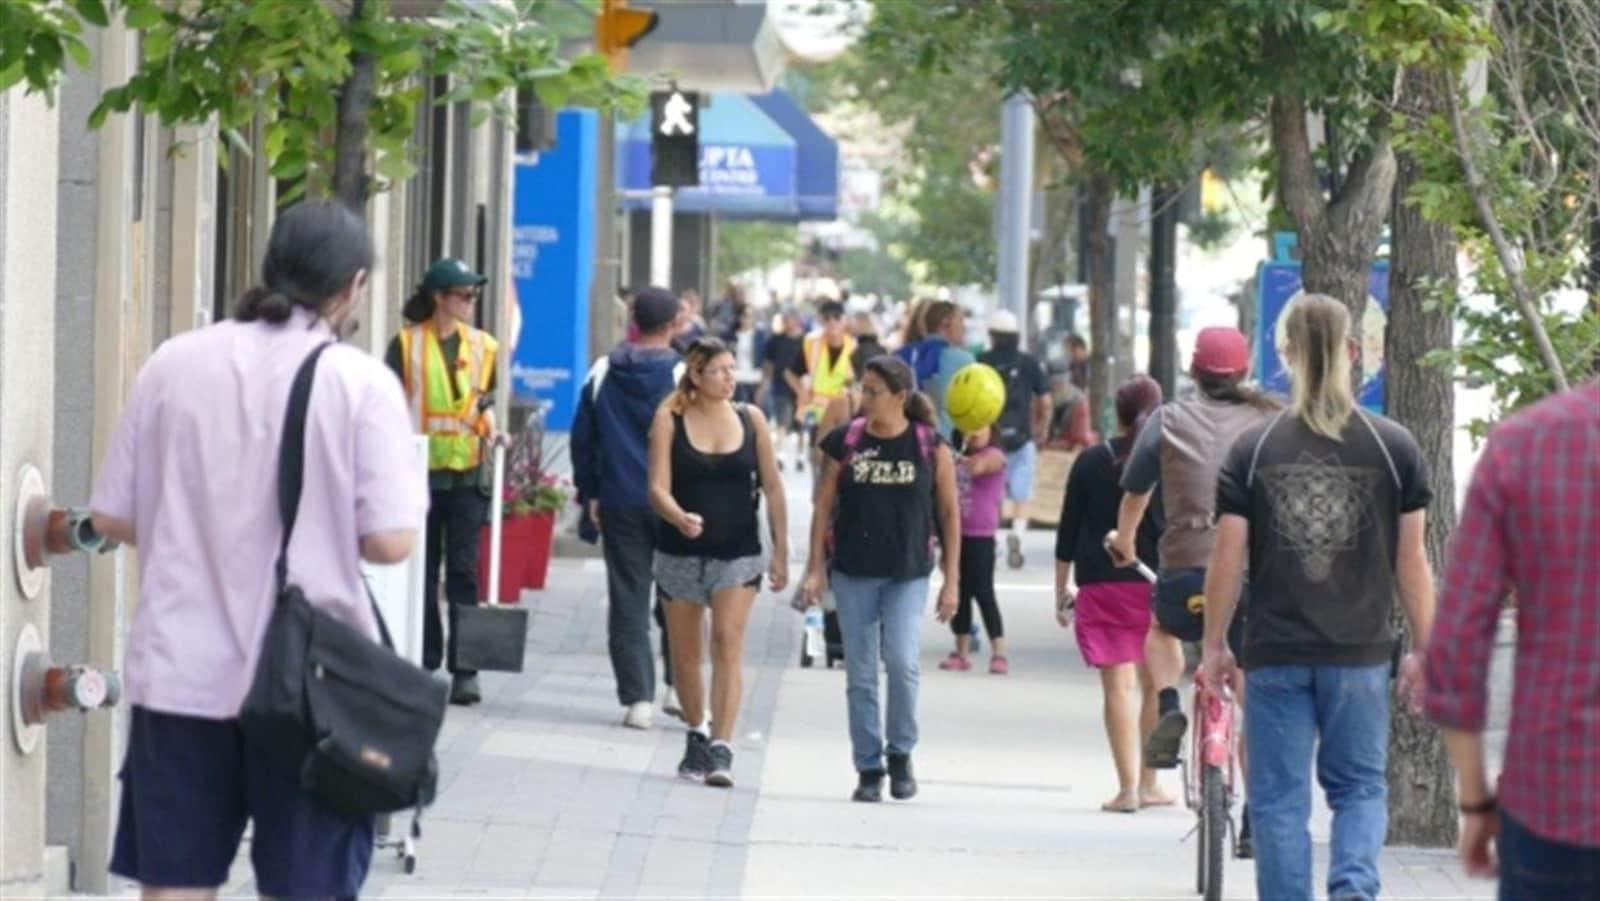 Image de gens marchant dans la rue d'une ville.